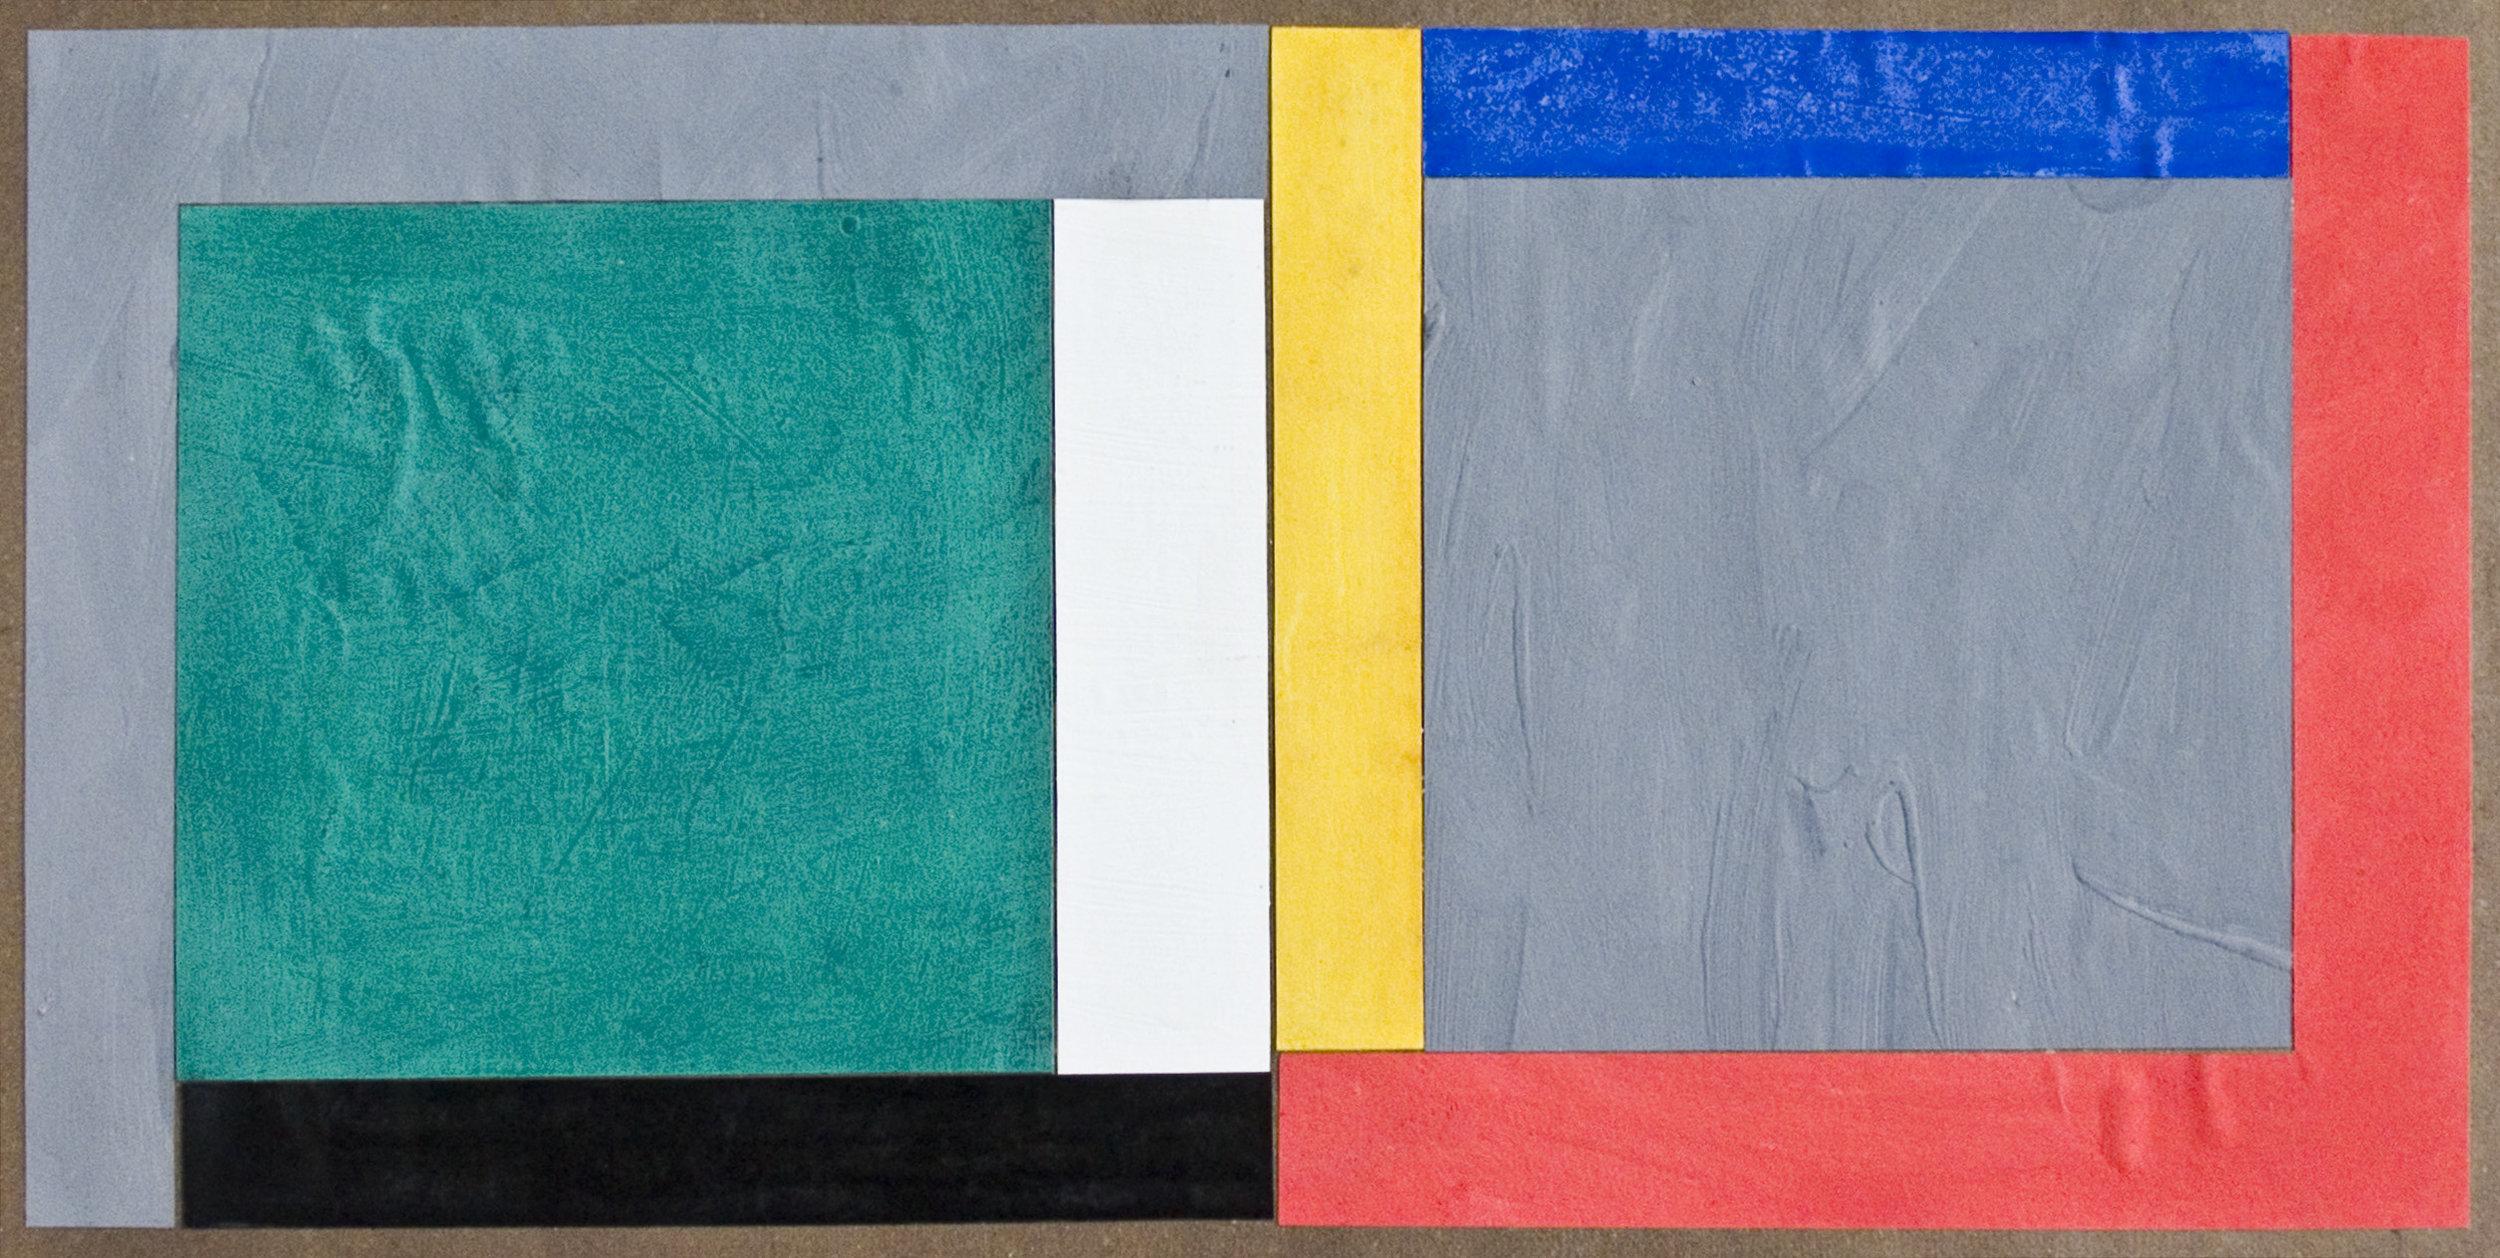 akril, papir, 100 x 50 cm, 1982